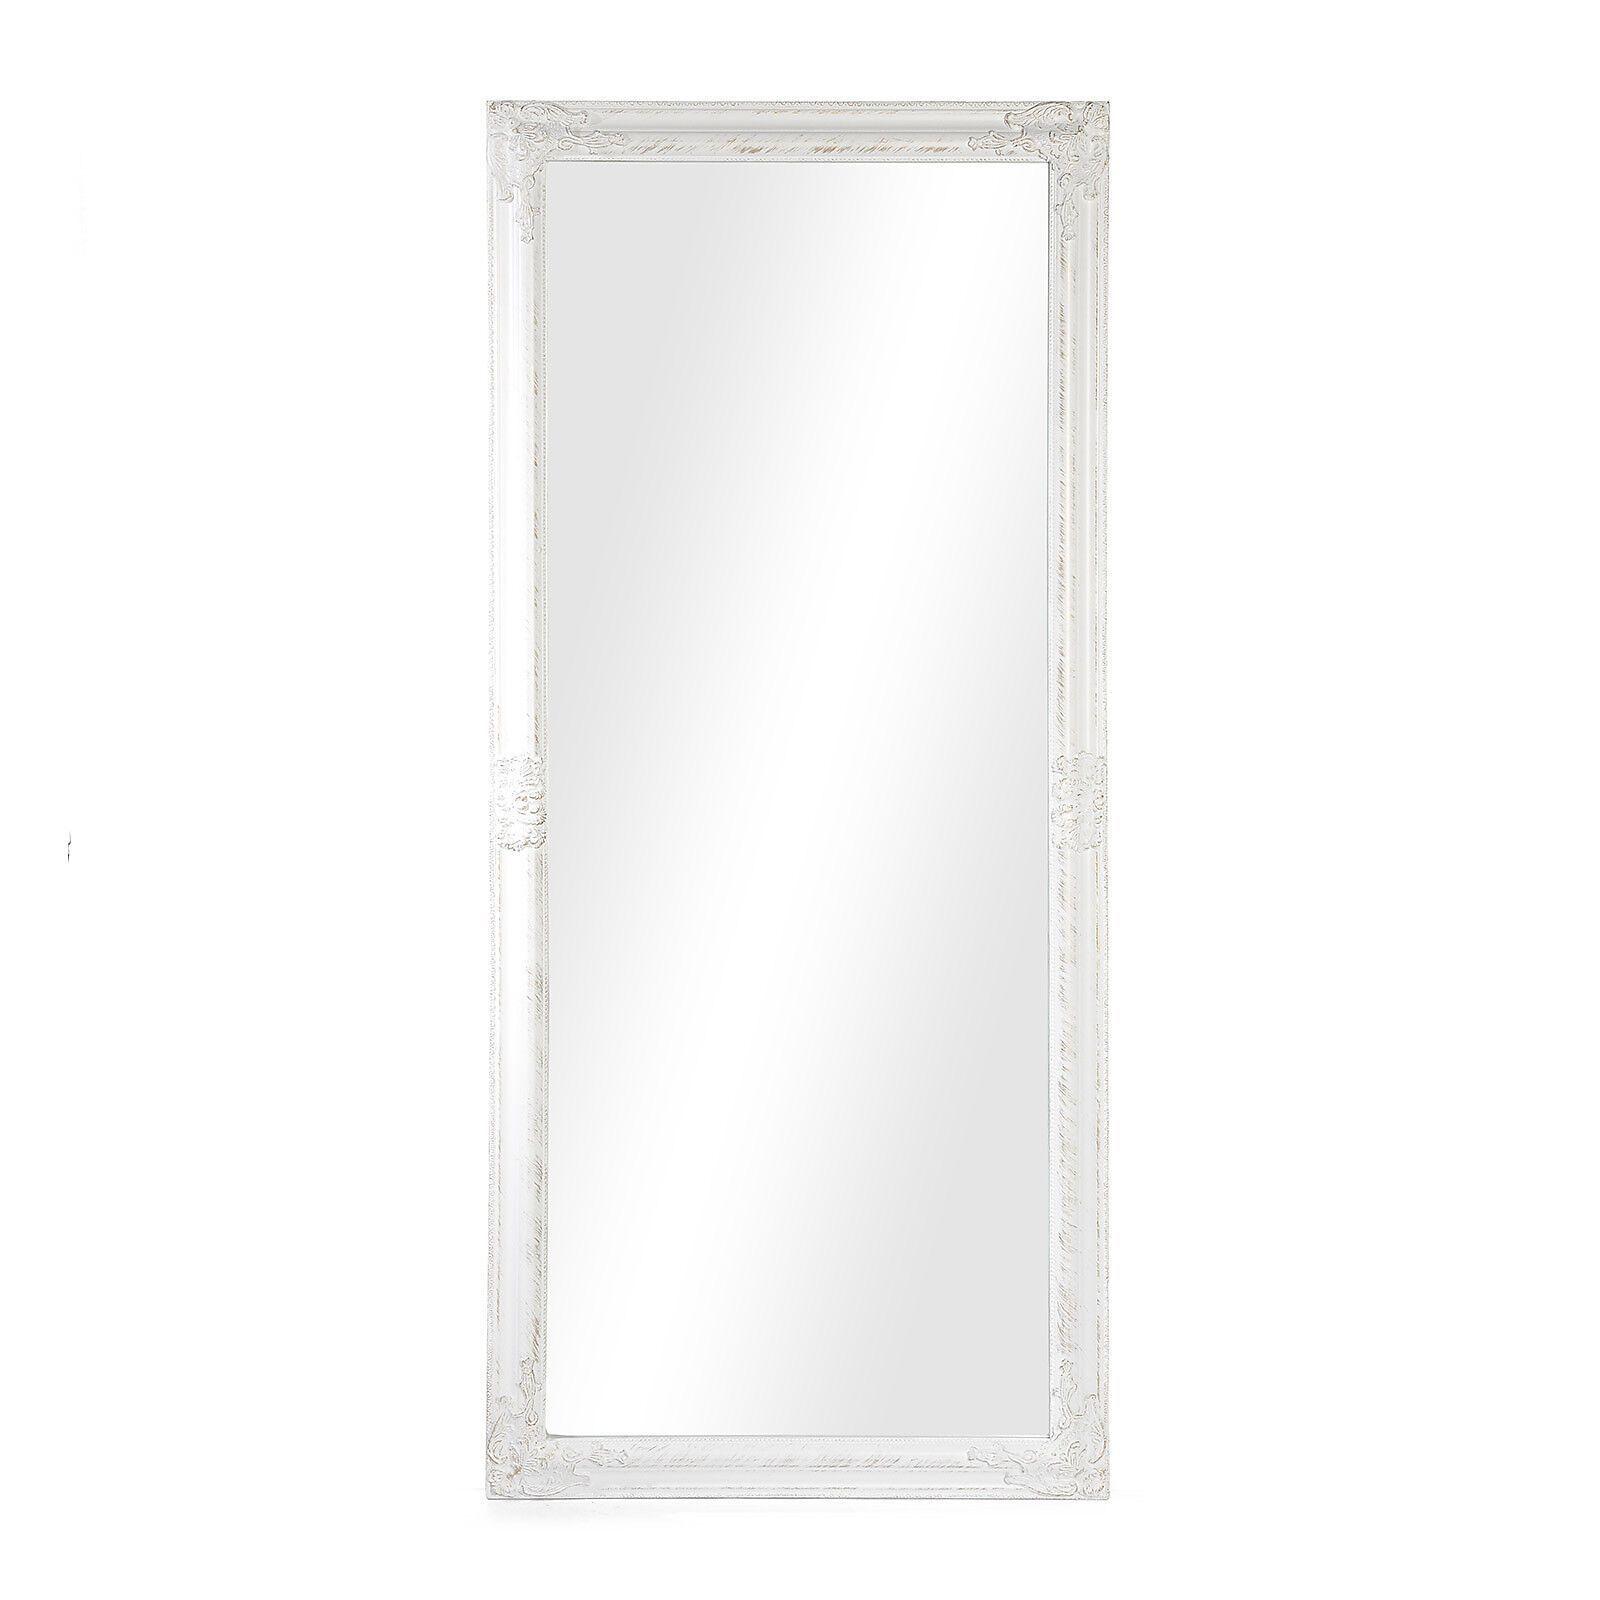 Spiegel Luzern 72x162x3cm Weiss In 2020 Mirror Oversized Mir